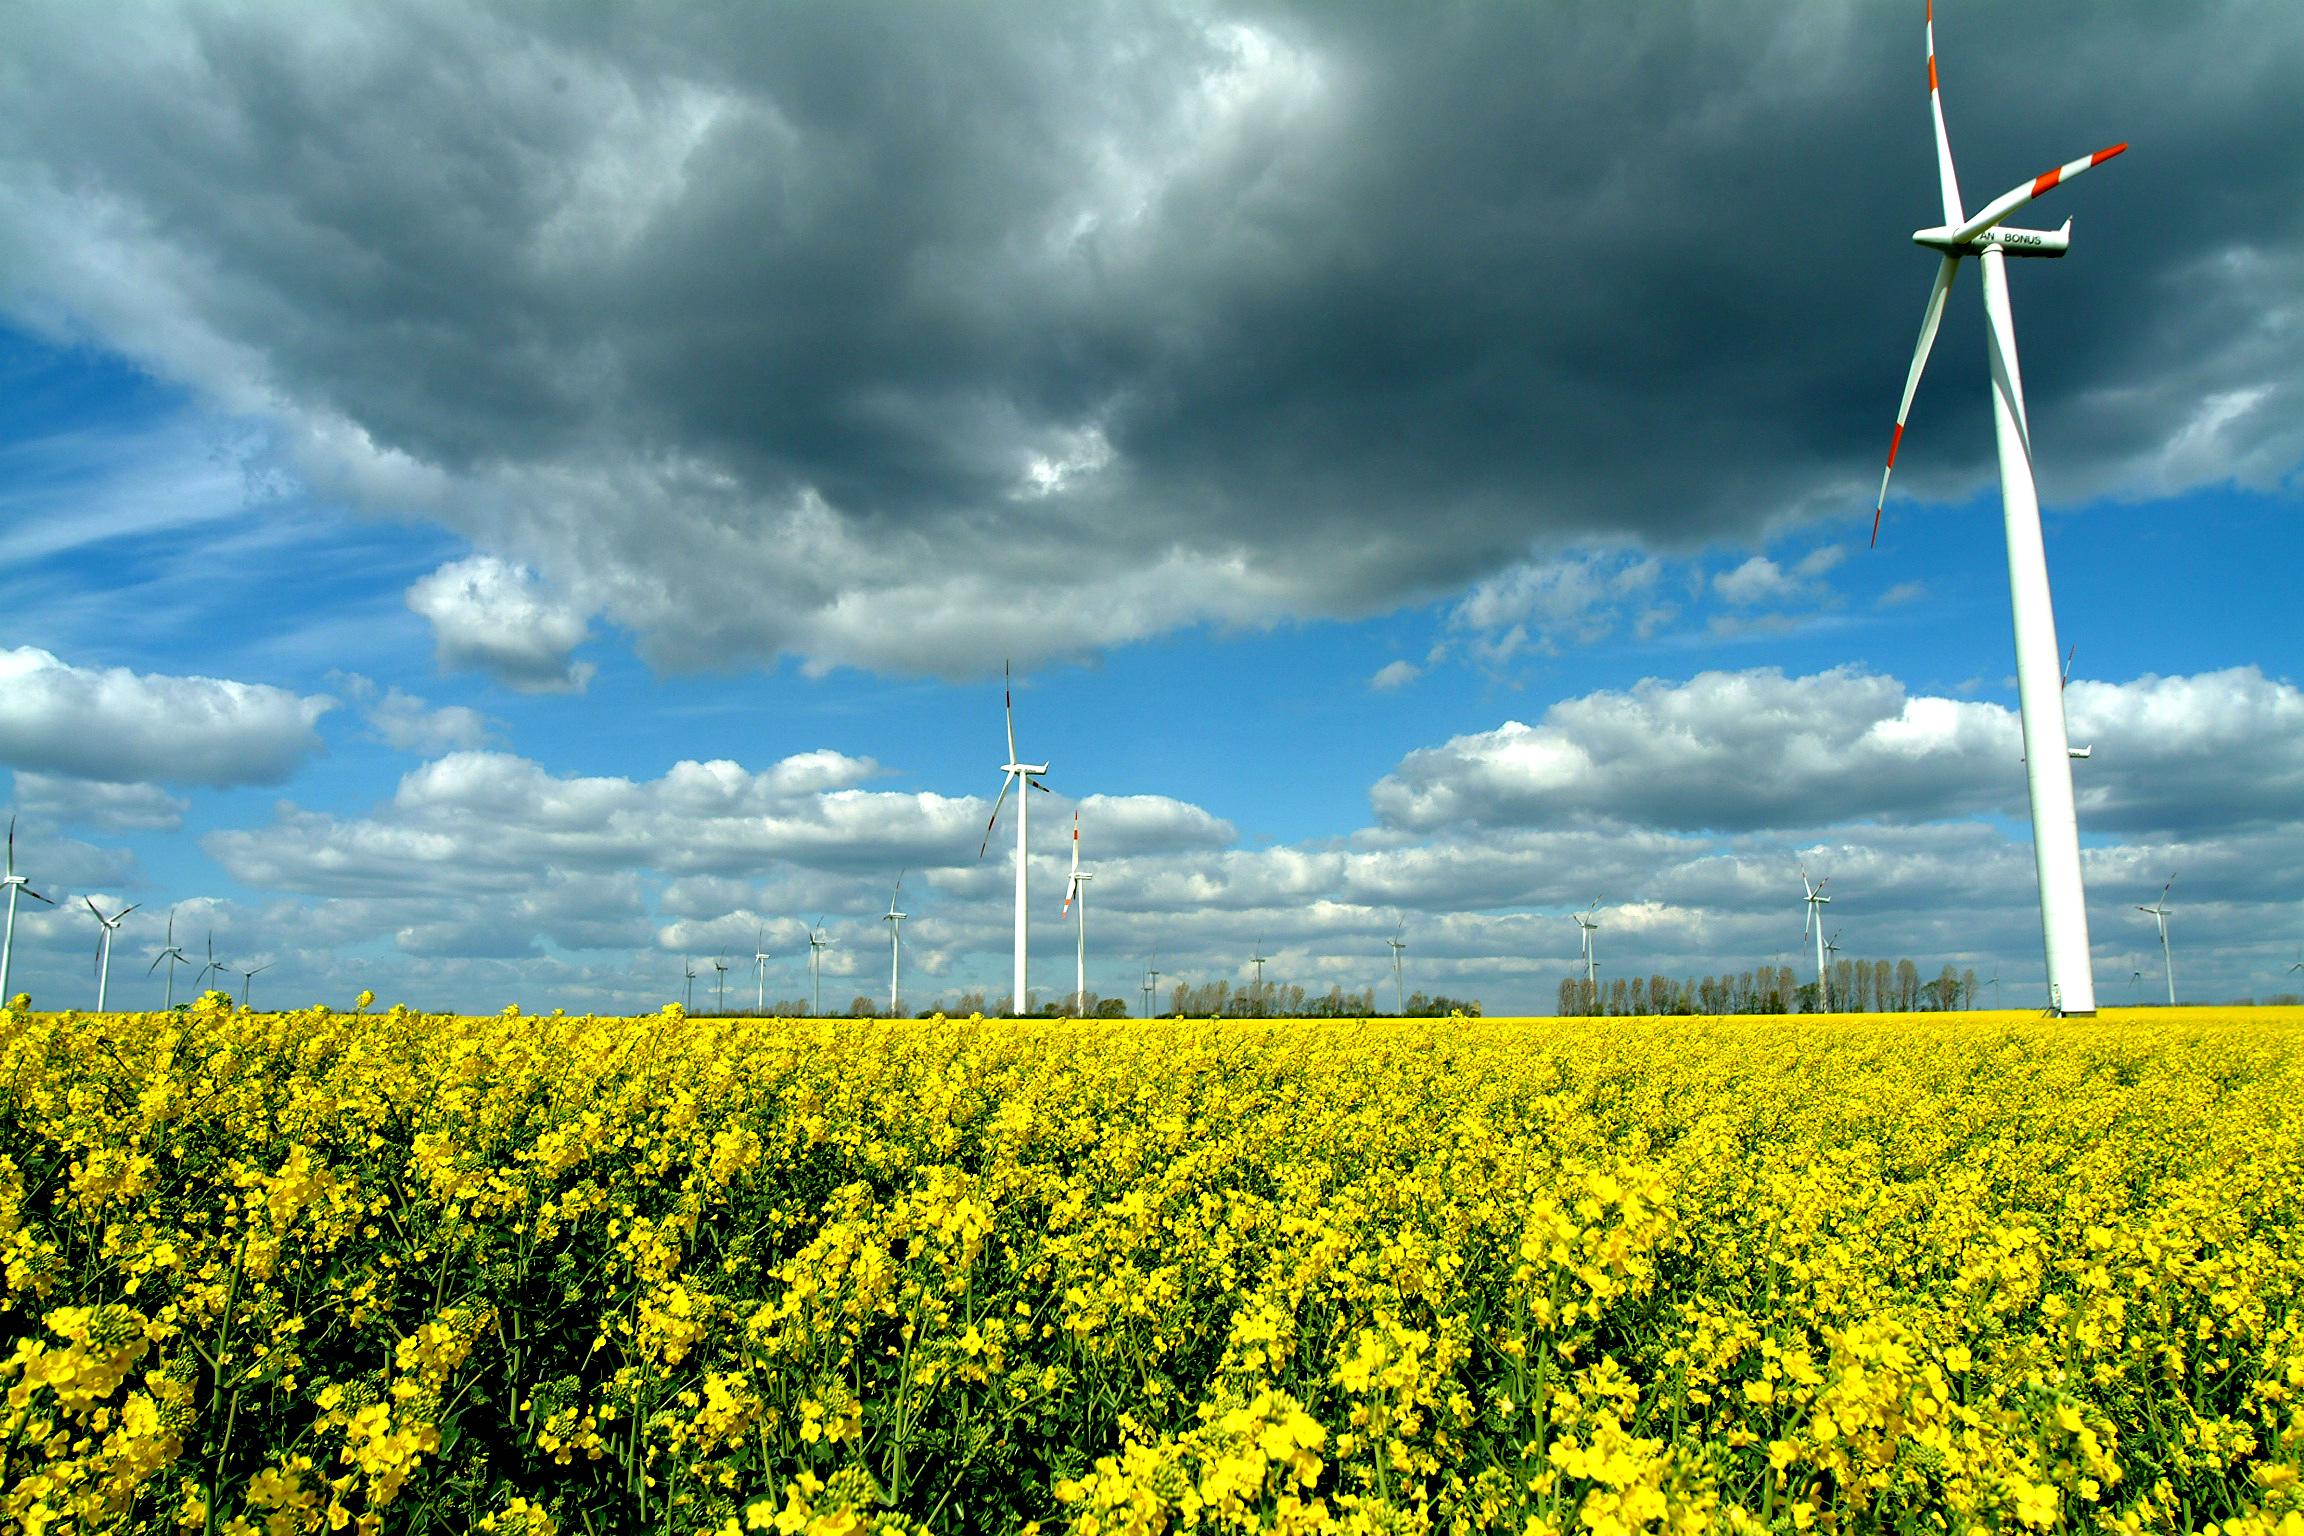 Juntos reducimos las emisiones contaminantes